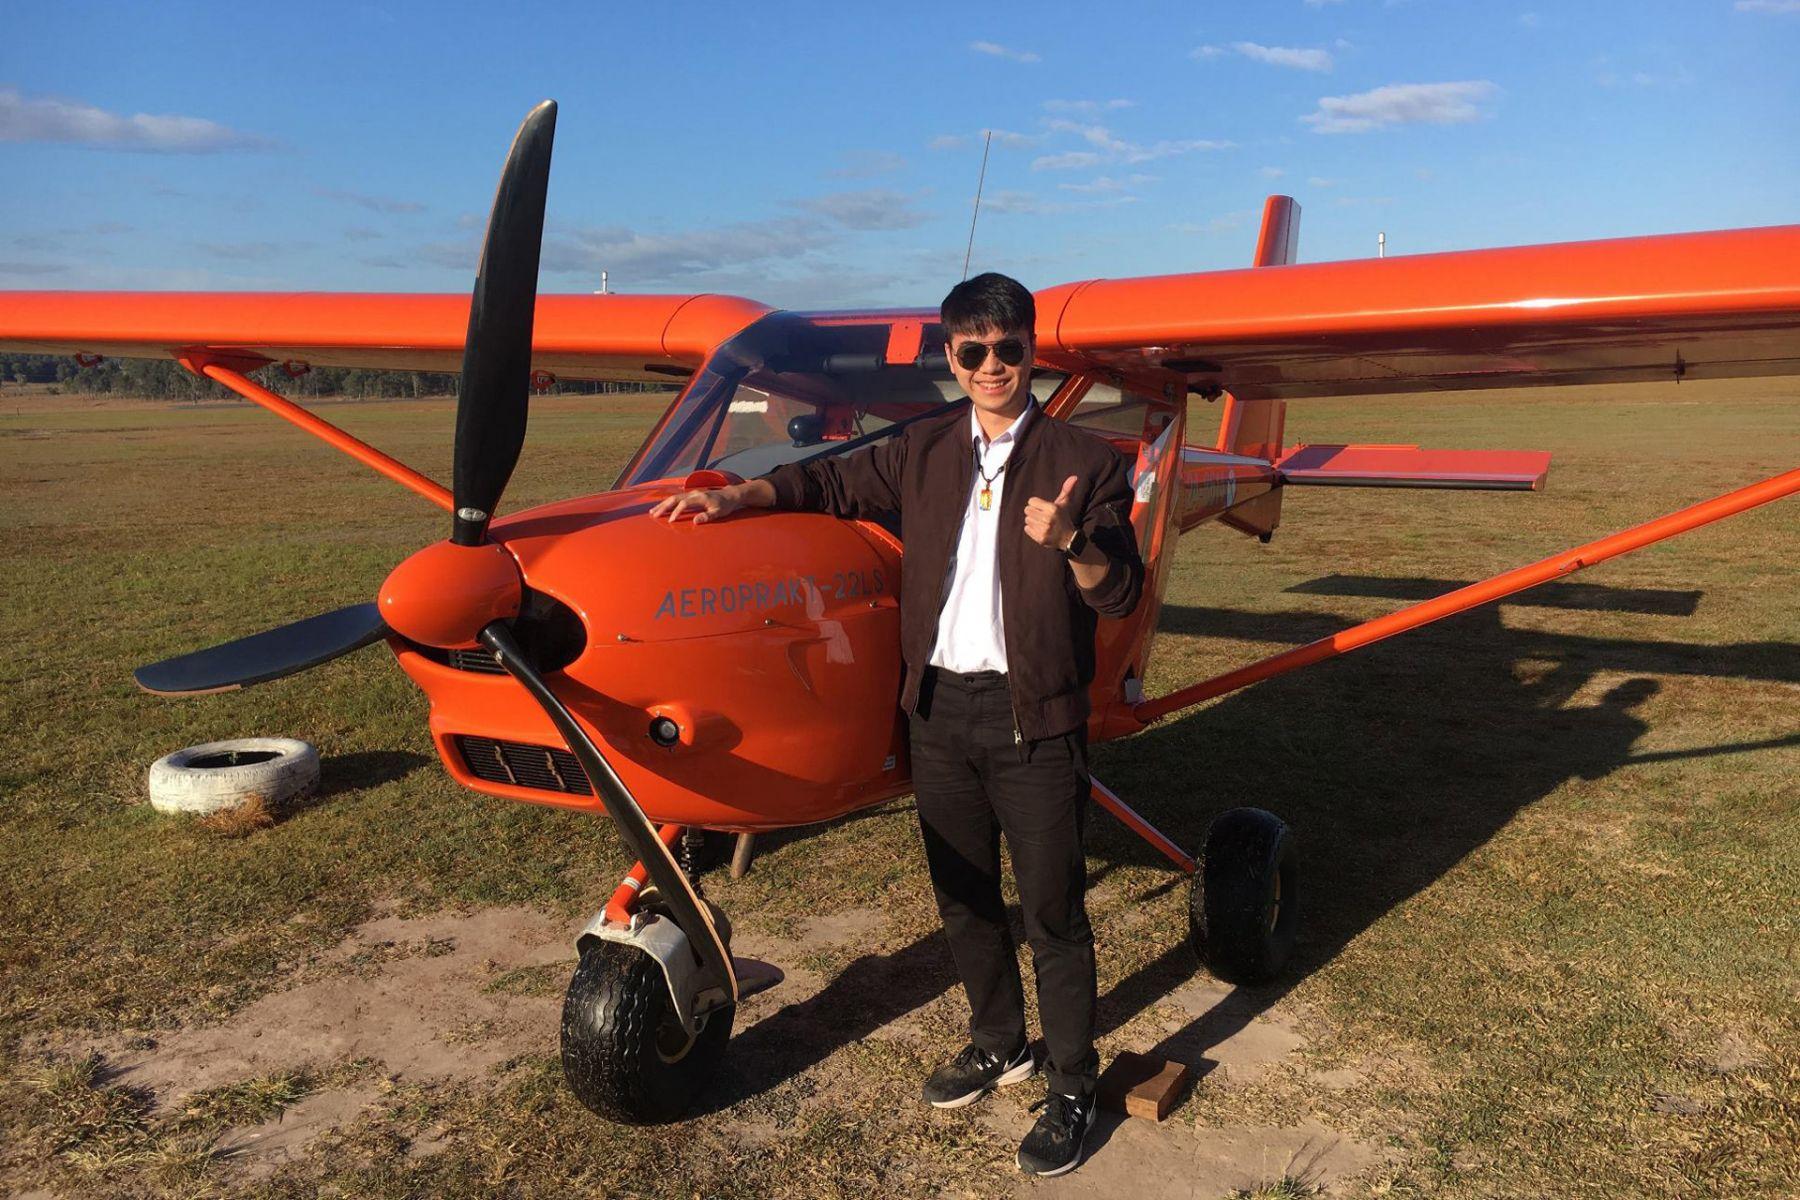 從多益590分到800分!培養英文即戰力,他的澳洲機師證照成履歷亮點